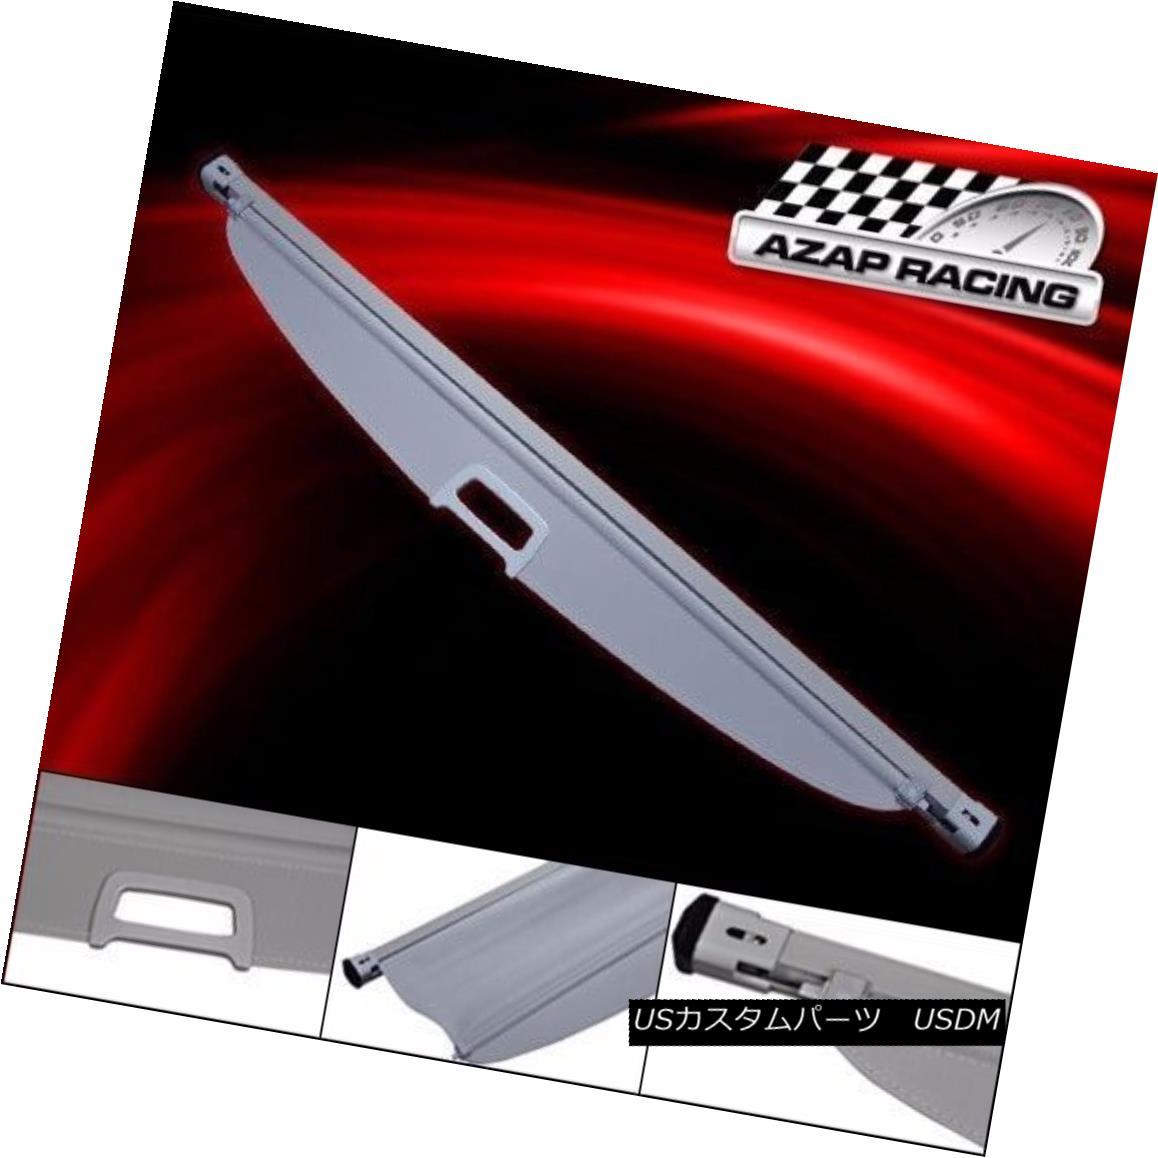 エアロパーツ Fits 11-13 Kia Sorento 4Dr OE Style Retractable Rear Cargo Grey Security Cover 11-13 Kia Sorento 4Dr OEスタイルのリトラクタブルリアカーゴグレーセキュリティカバーにフィット